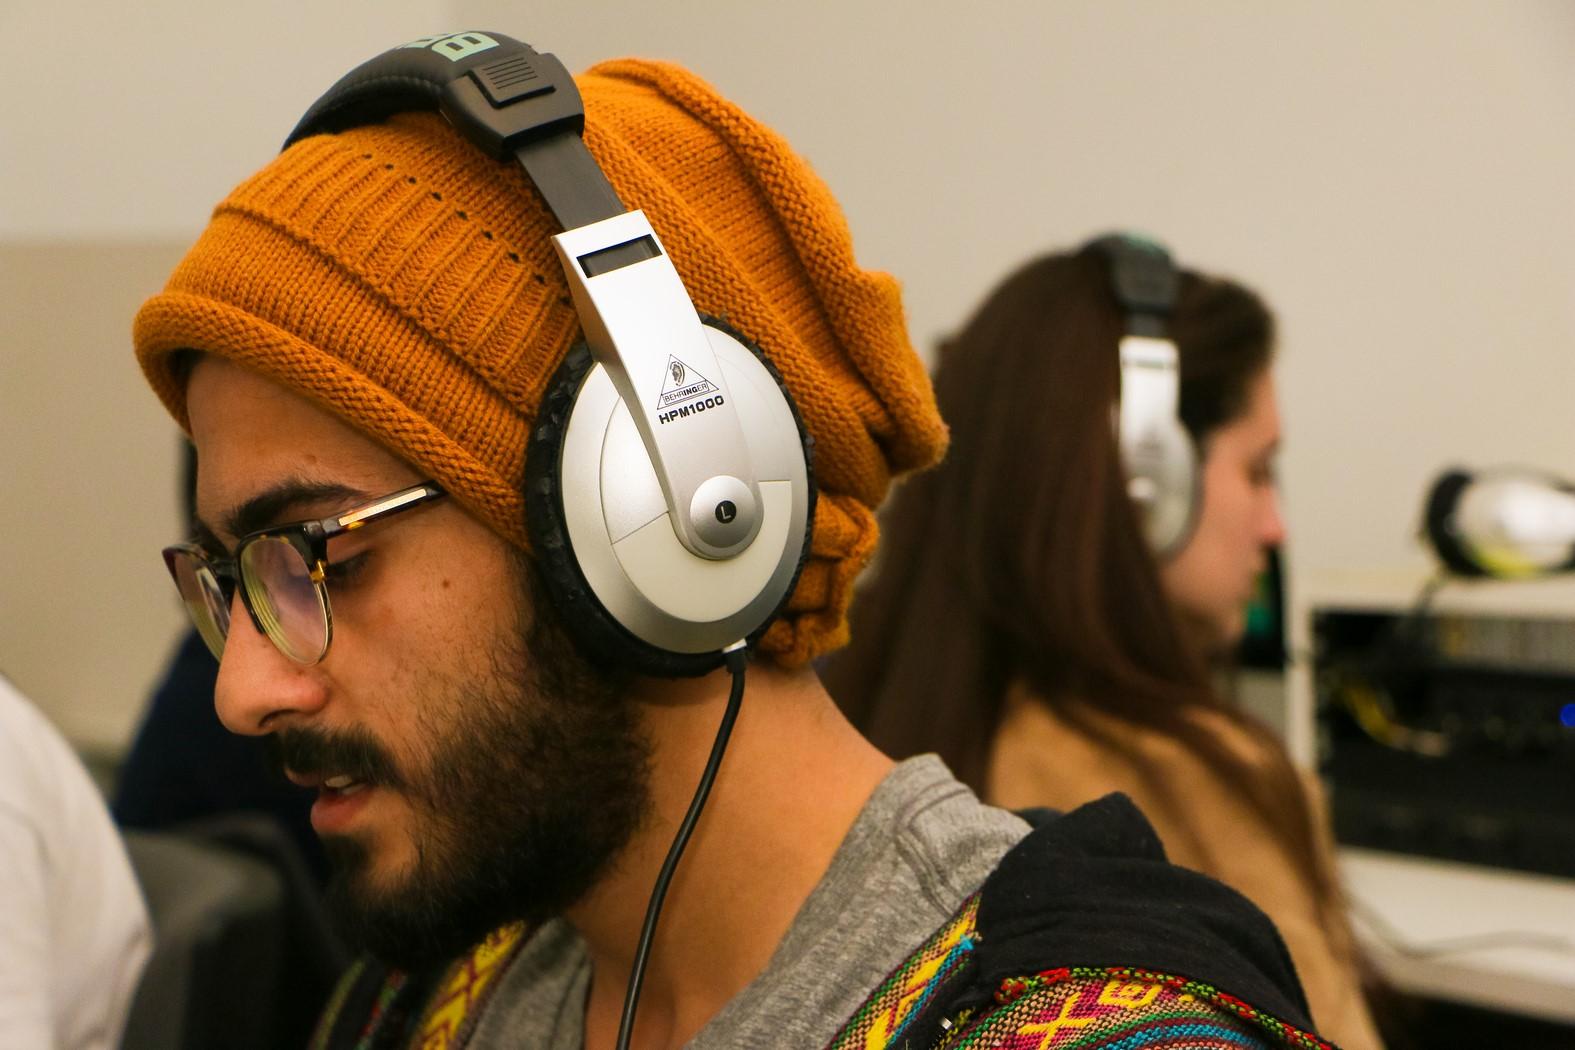 אוזניות חדר טכנולוגי